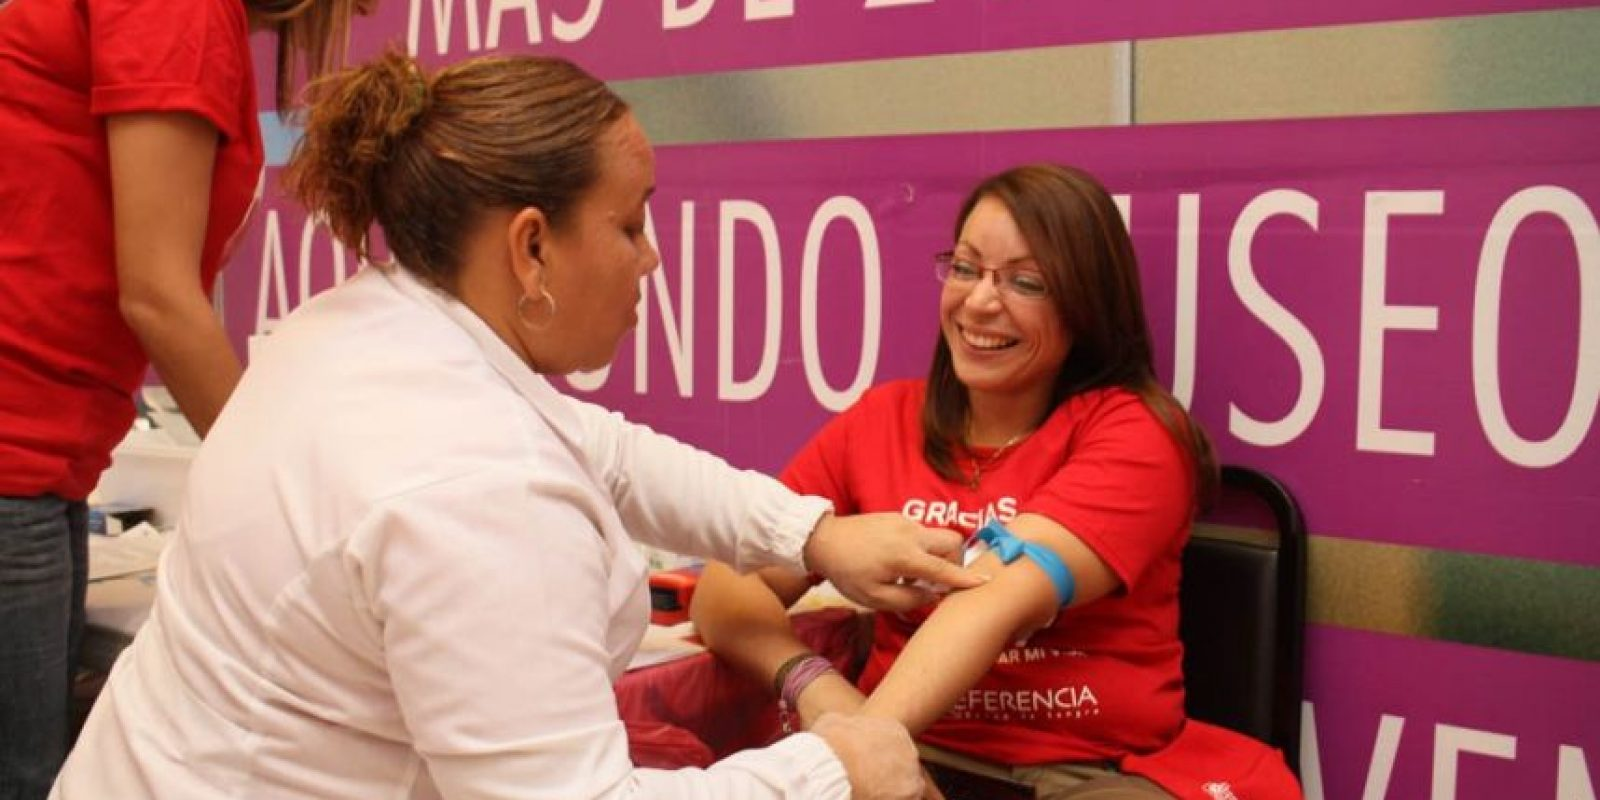 El 20% de la sangre colectada será donada a la Fundación St. Jude Foto:Fuente externa